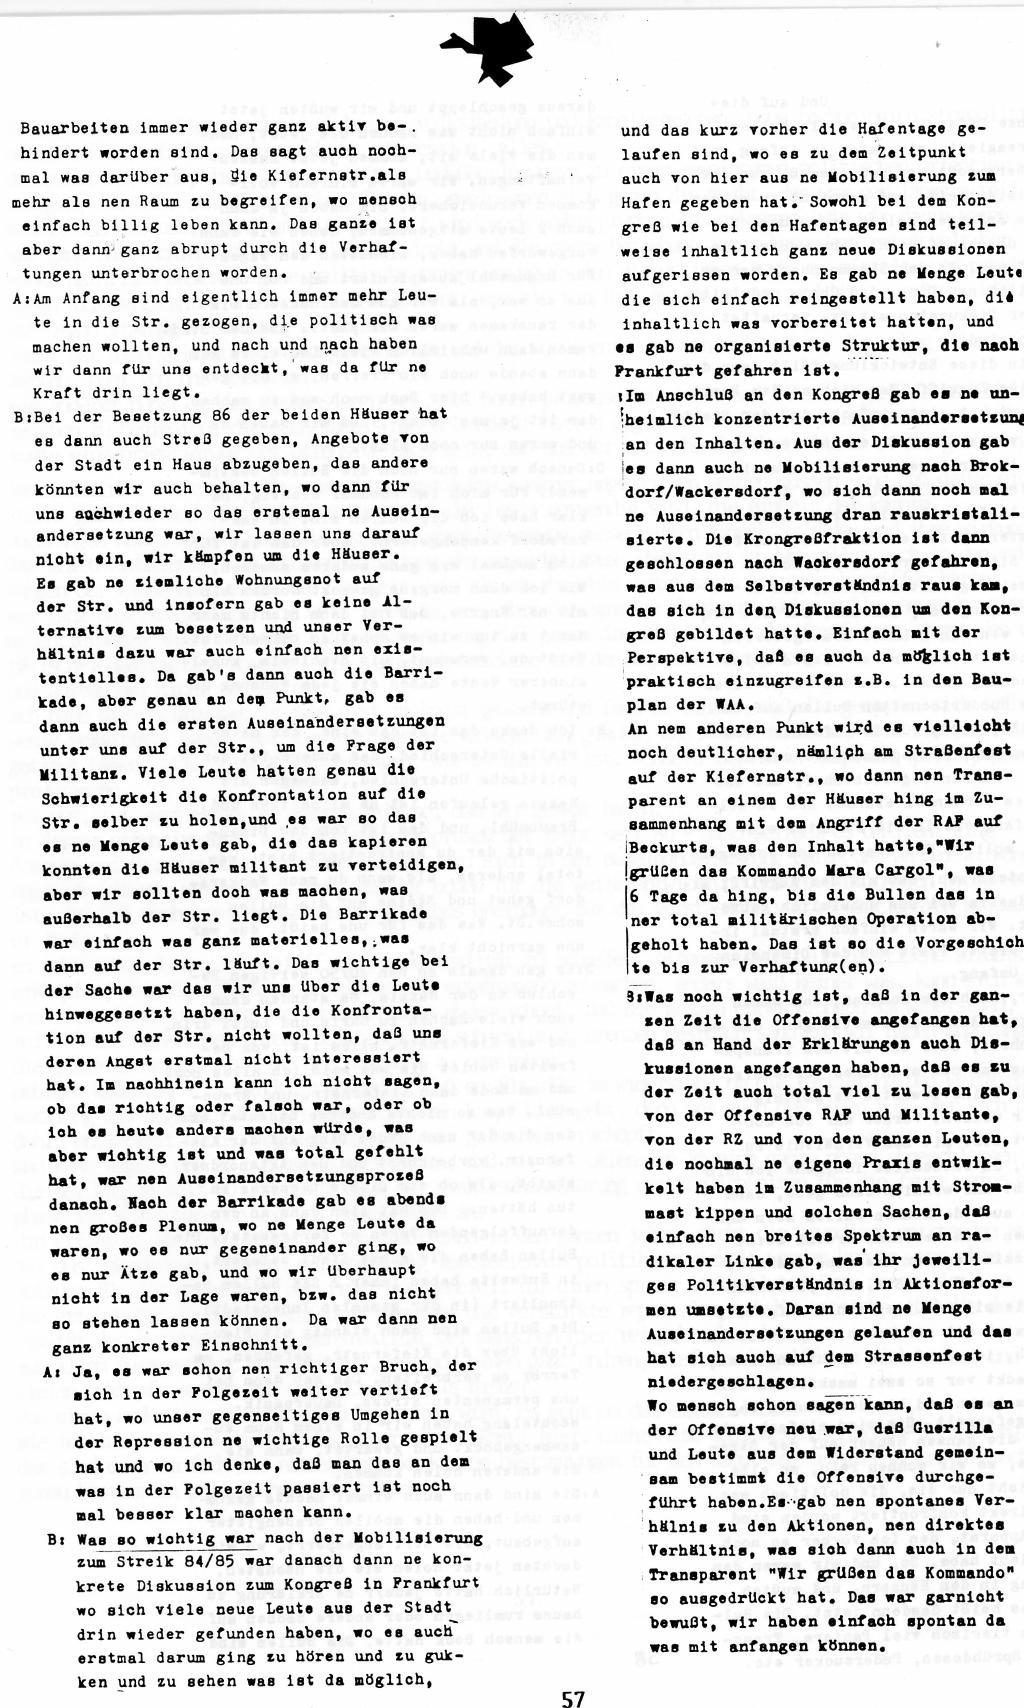 Duesseldorf_1989_Sechs_Politische_Gefangene_057